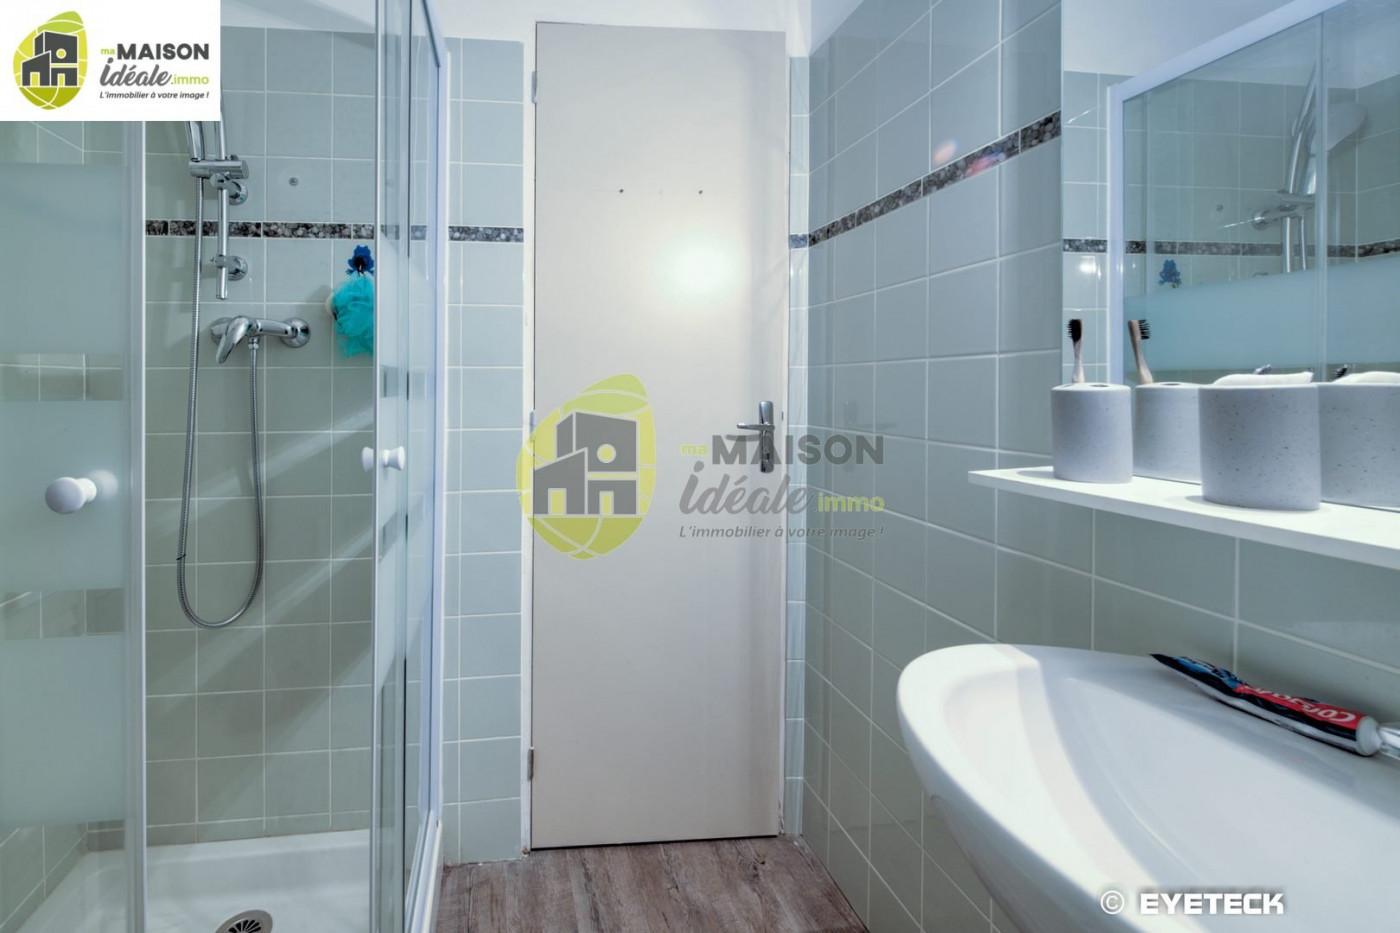 A vendre Vierzon 36003508 Ma maison ideale